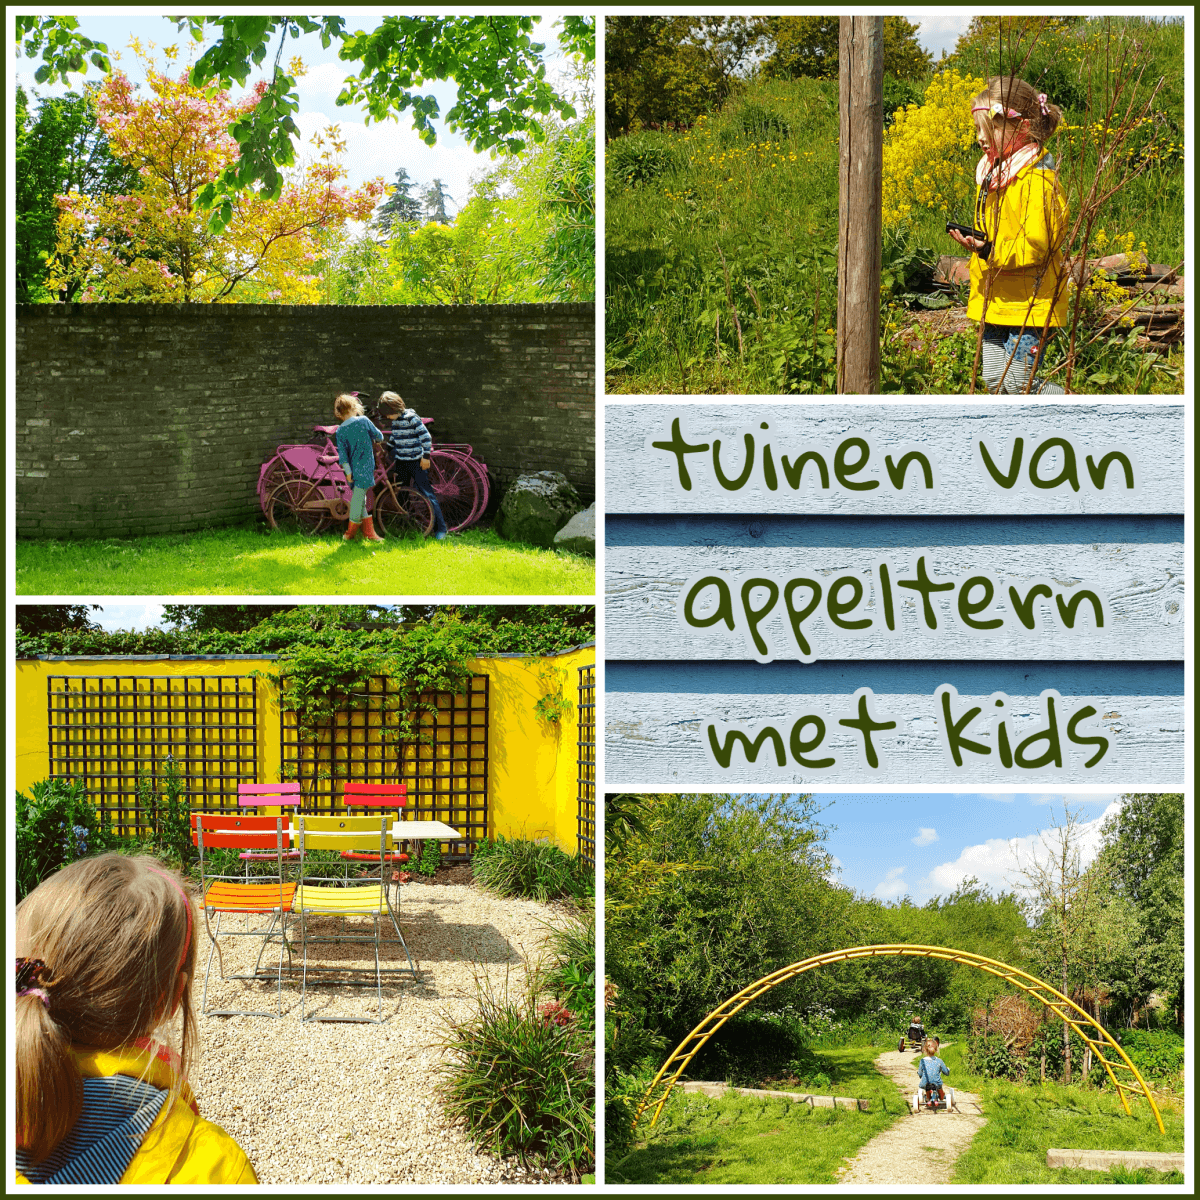 De Tuinen van Appeltern: tuin inspiratie opdoen terwijl de kids spelen